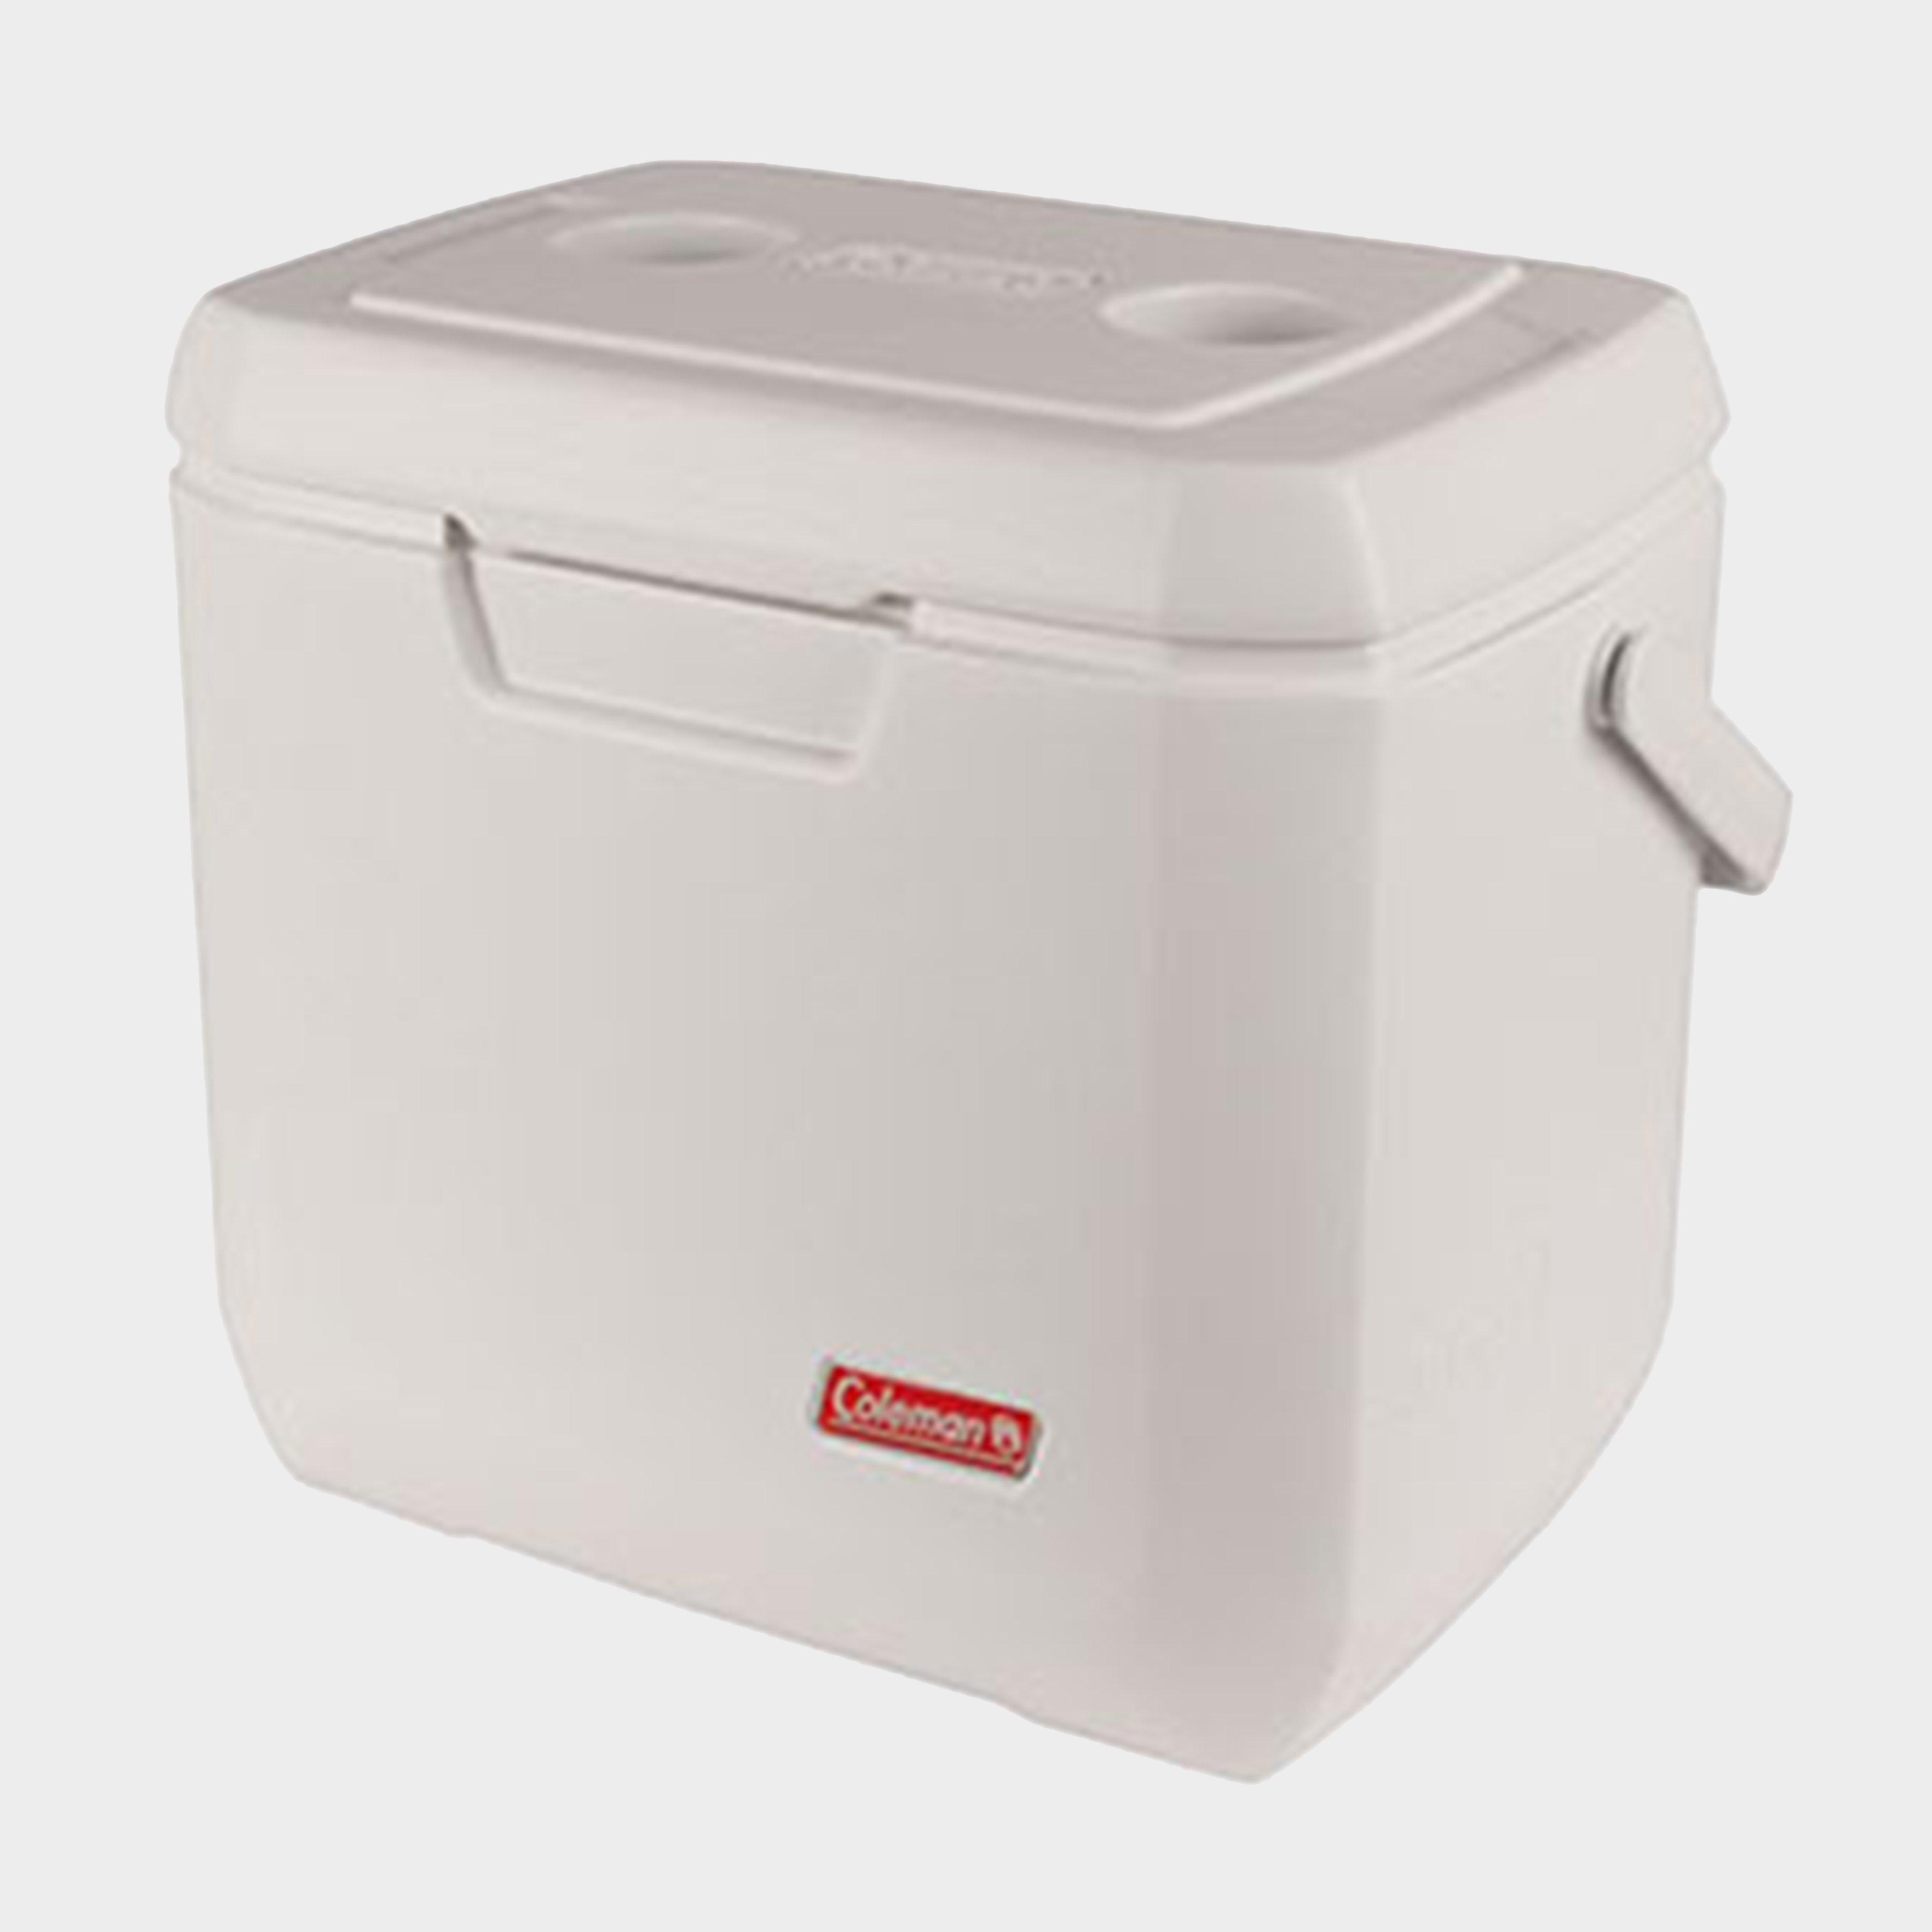 Coleman 28Qt Xtreme Marine Cooler - White/Wht, White